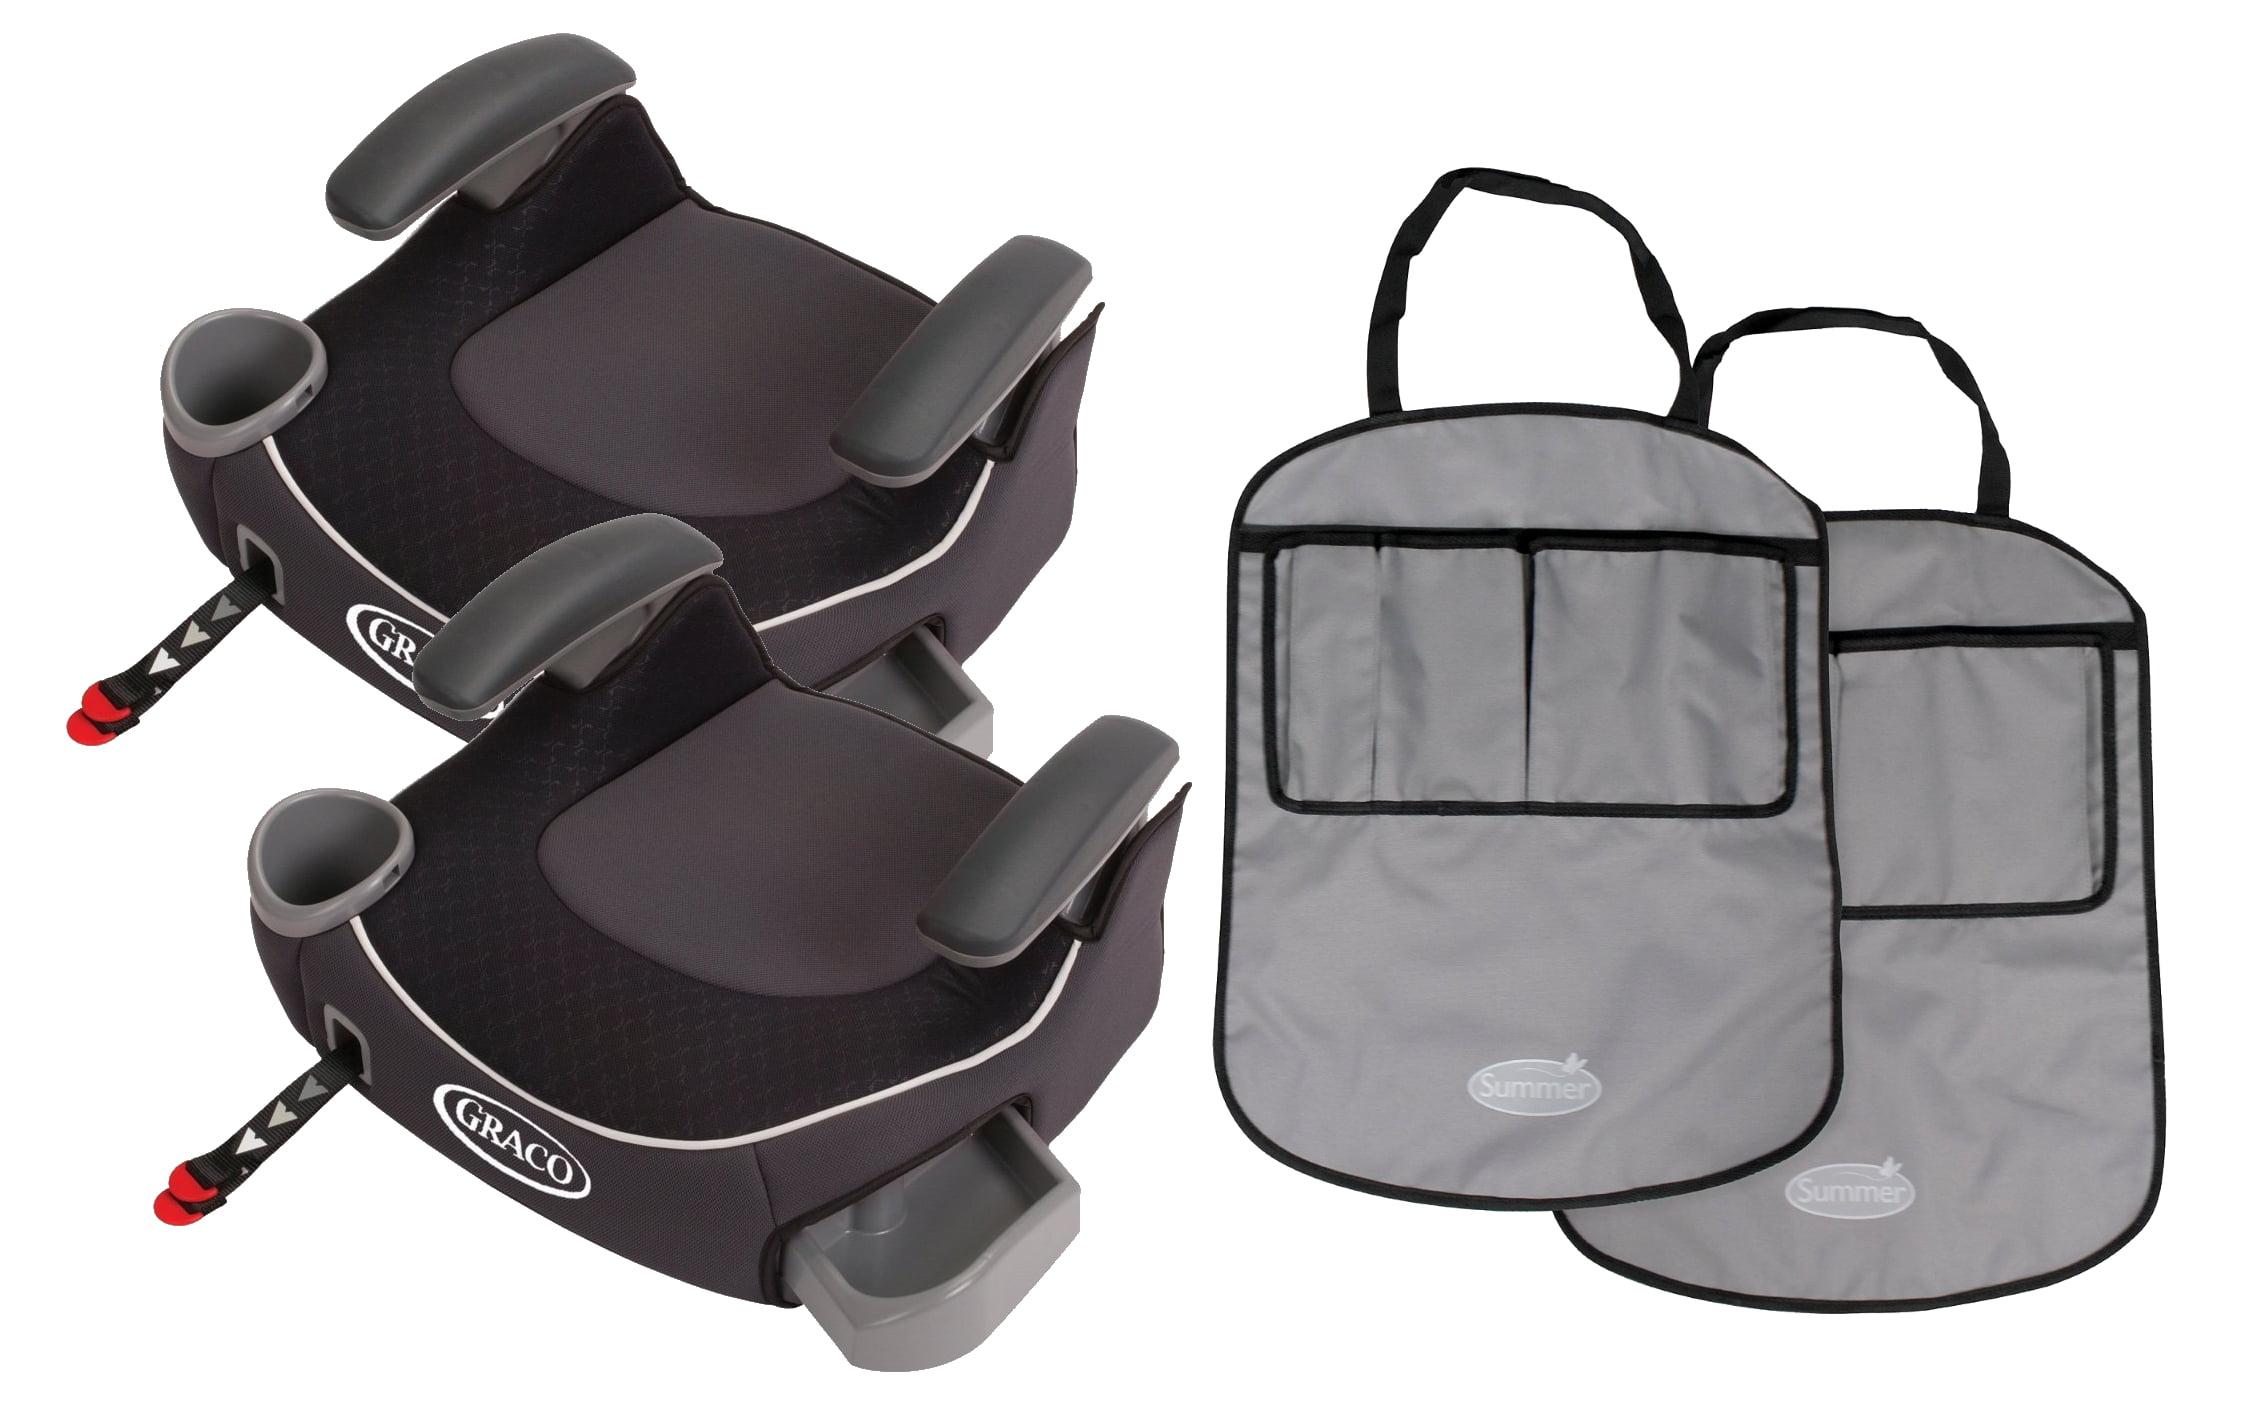 Silla De Carro Para Bebe 2 Fije la Graco Booster sin respaldo asientos con esteras de tiro libre, Davenport + Graco en Veo y Compro